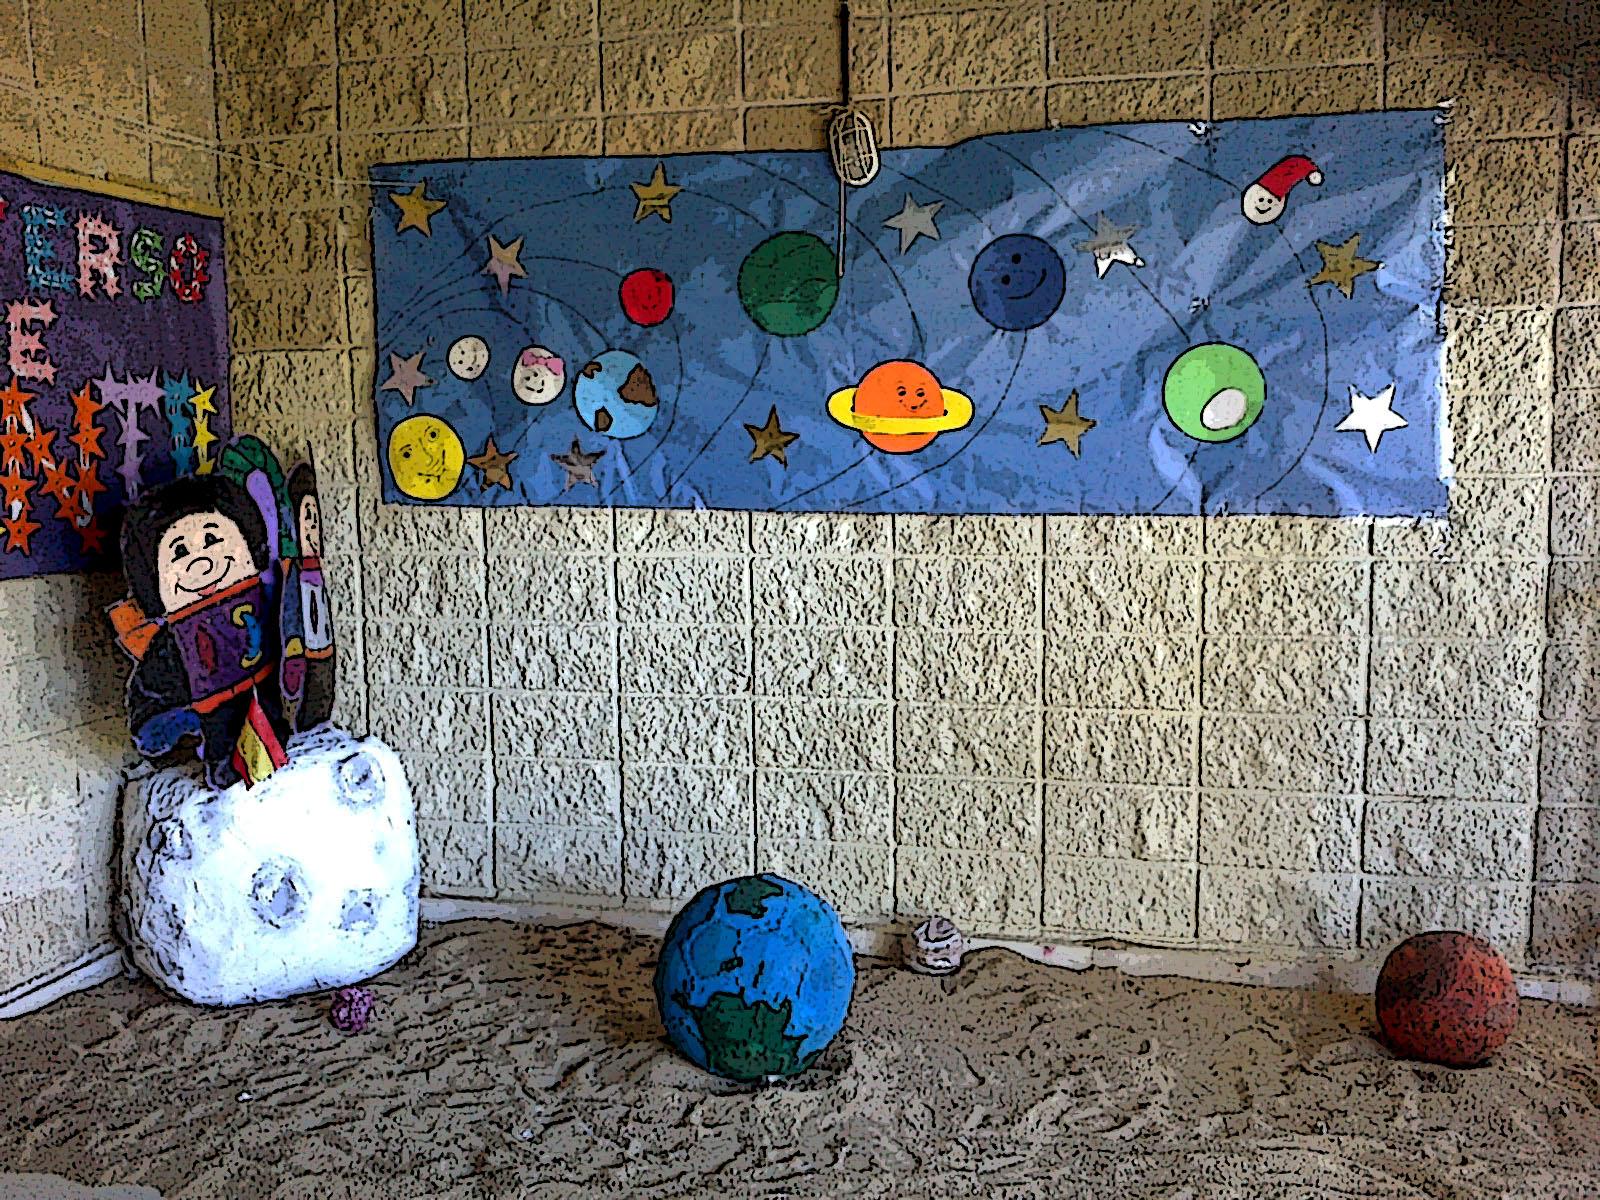 Ampa tierno galv n febrero 2012 for Decoracion el universo del hogar